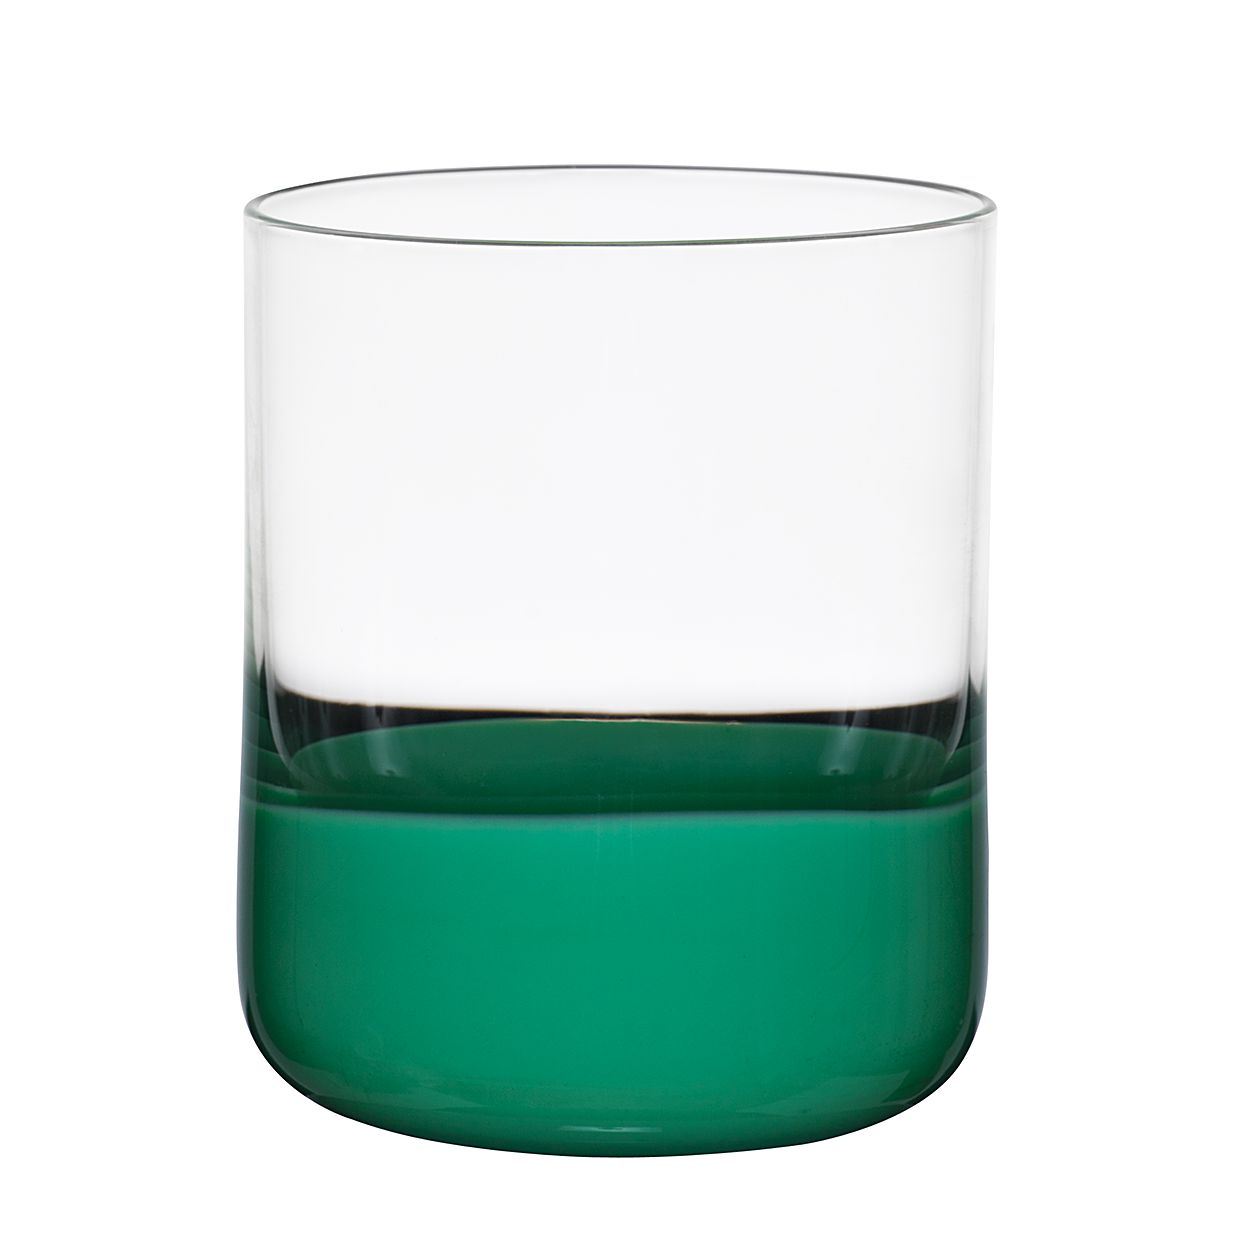 trinkglas spot 6er set glas t rkis bitossi home g nstig online kaufen. Black Bedroom Furniture Sets. Home Design Ideas